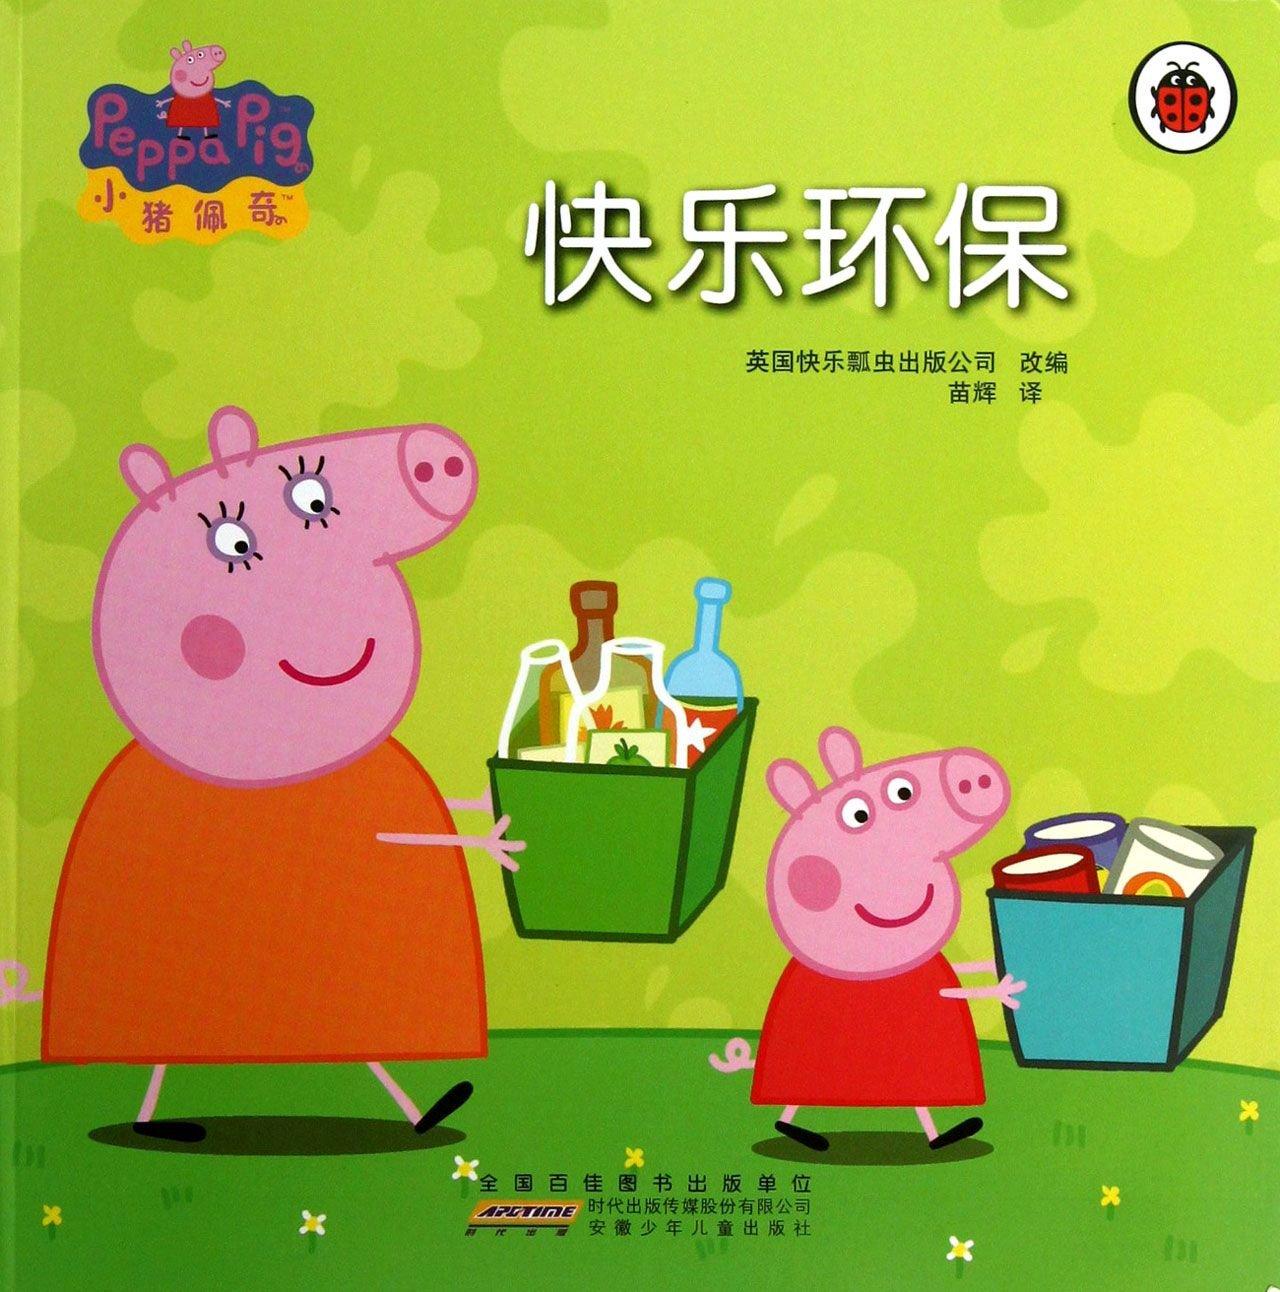 小猪佩奇第4季PPT背景图片免费下载是由PPT宝藏(www.pptbz.com)会员zengmin上传推荐的卡通PPT背景图片, 更新时间为2016-09-26,素材编号103553。 猪佩奇(英文名:Peppa Pig)是由英国阿斯特利贝加戴维斯(Astley Baker Davis)创作、导演和制作的一部英国学前电视动画片故事围绕她与家人的愉快经历,幽默而有趣,藉此宣扬传统家庭观念与友情,鼓励小朋友们体验生活。 《小猪佩奇》每集长度约5分钟,故事围绕一只名叫佩奇的女孩小猪以及她的家庭和朋友展开。 小猪